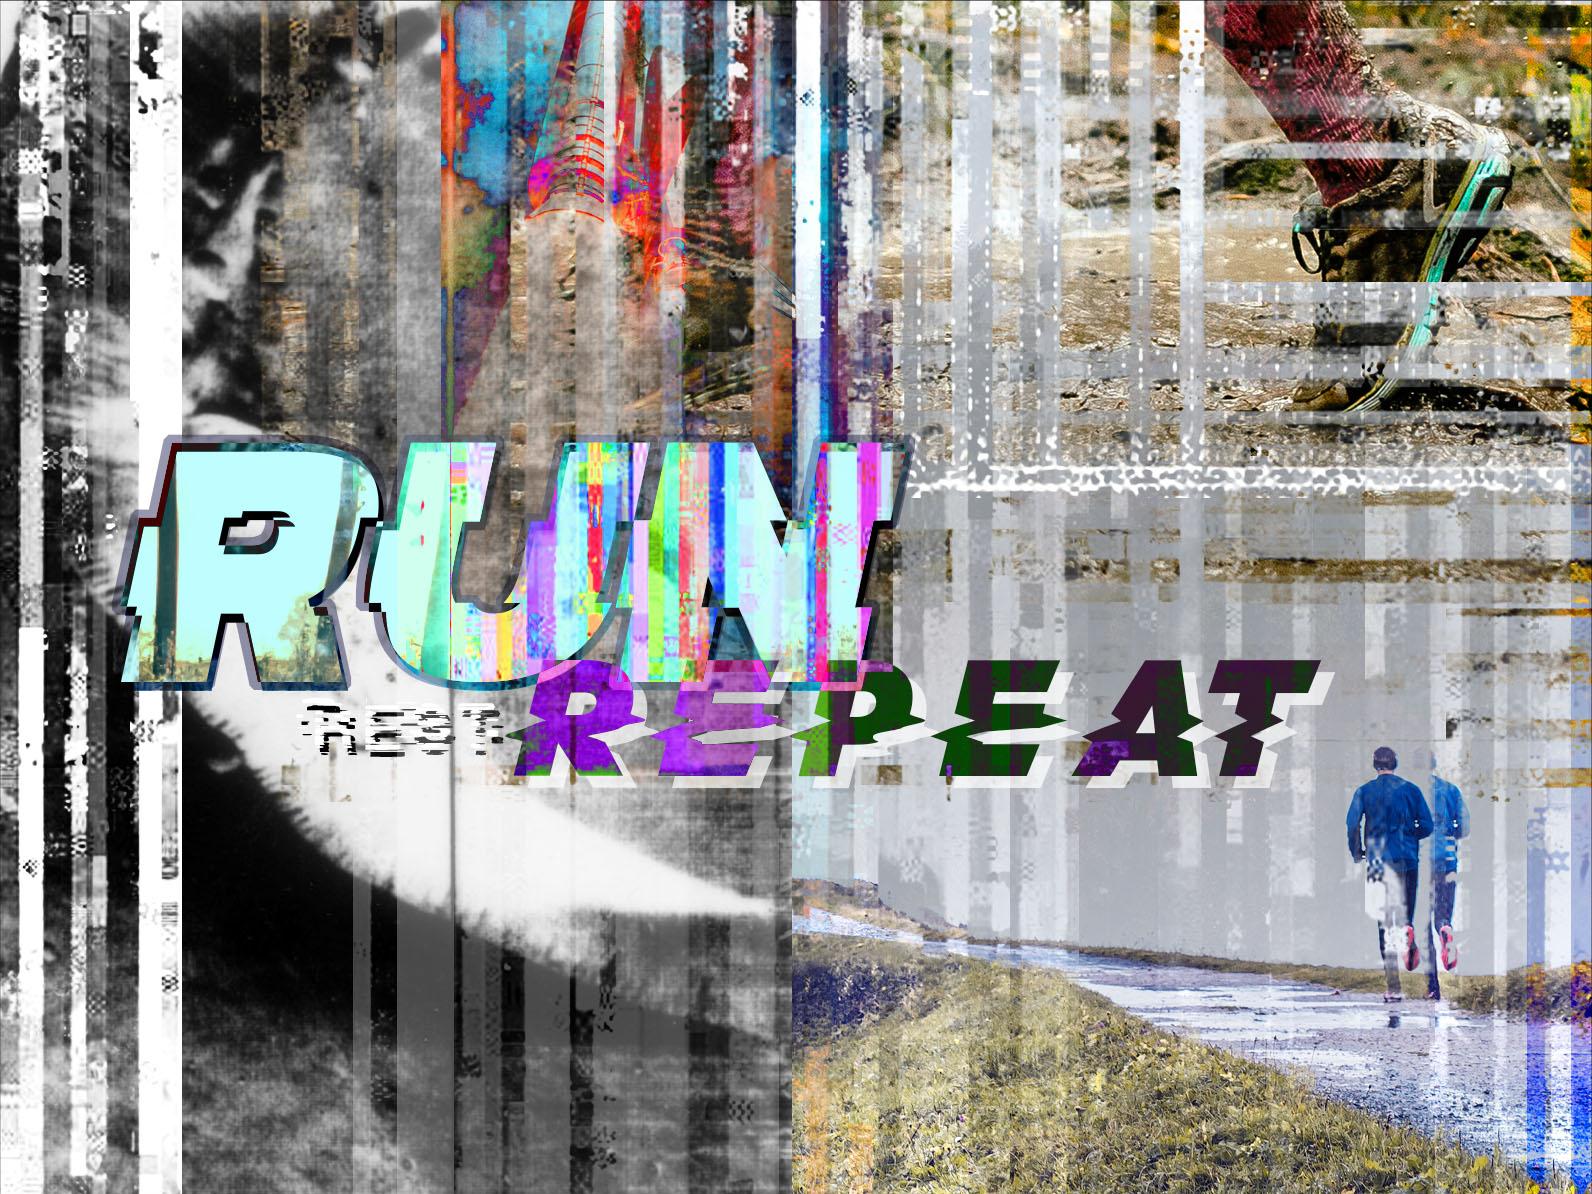 Run Rest Repeat glitch art runner